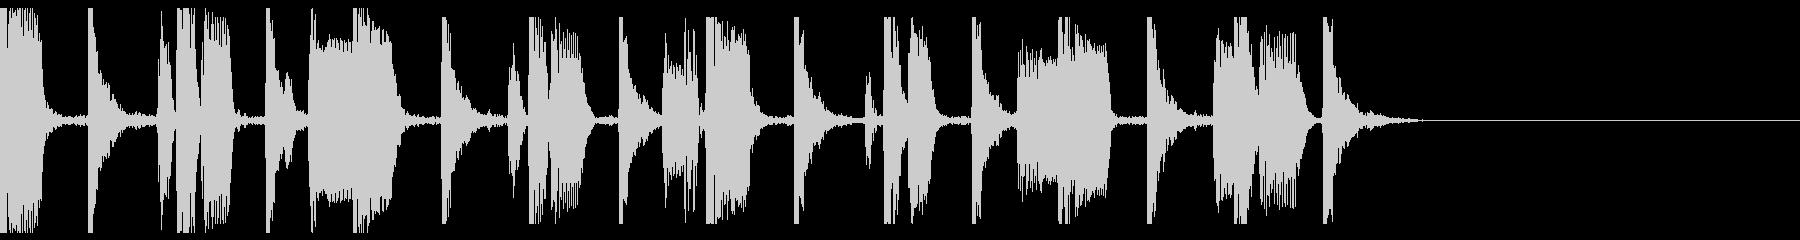 ベース音が際立つシンキングタイム音の未再生の波形